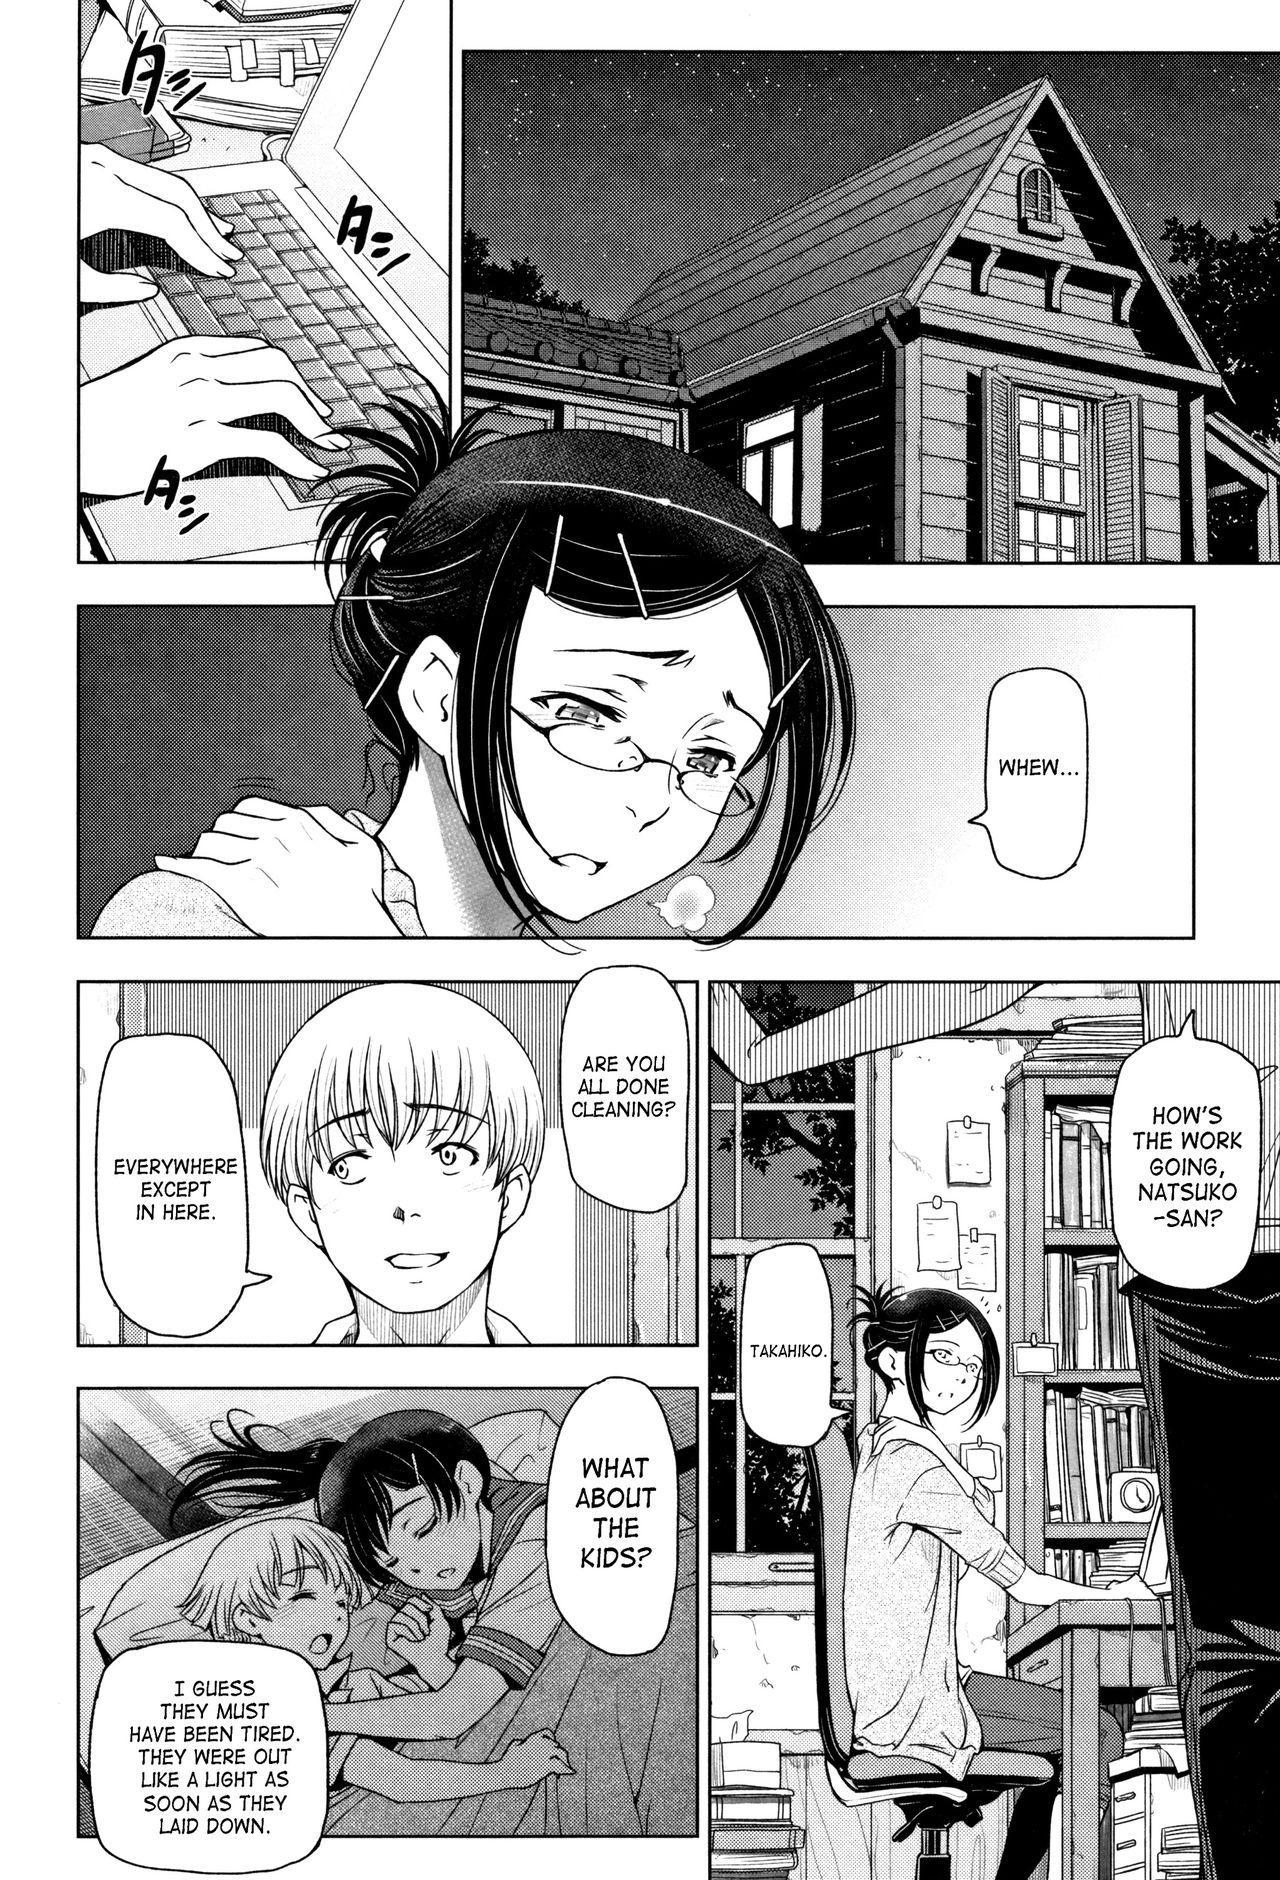 [Sena Youtarou] Natsu-jiru ~Ase ni Mamirete Gucchagucha~ Ch. 2-10 [English] [SaHa + Team Koinaka] 31